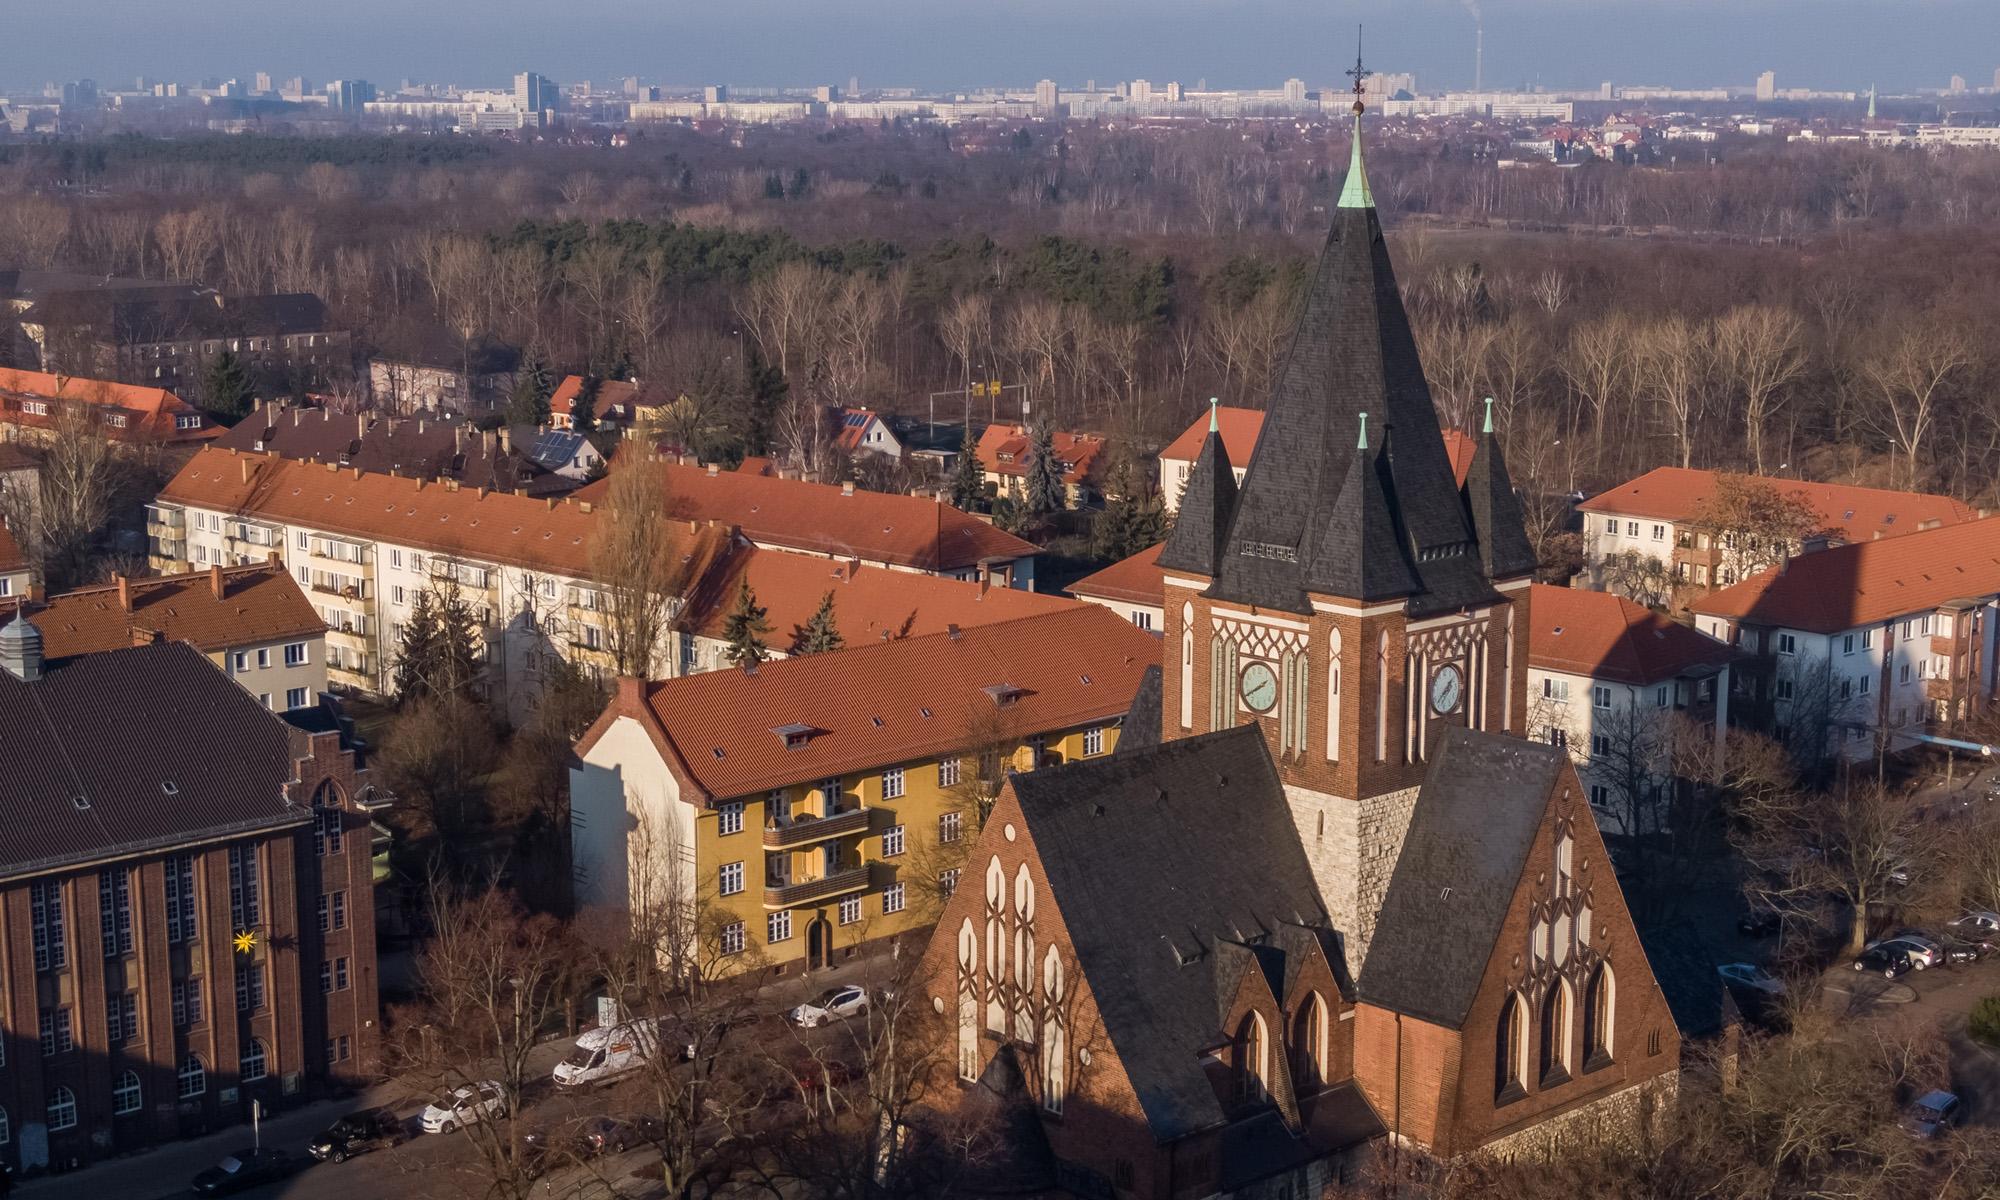 Evangelische Kirchengemeinde Berlin-Oberschöneweide